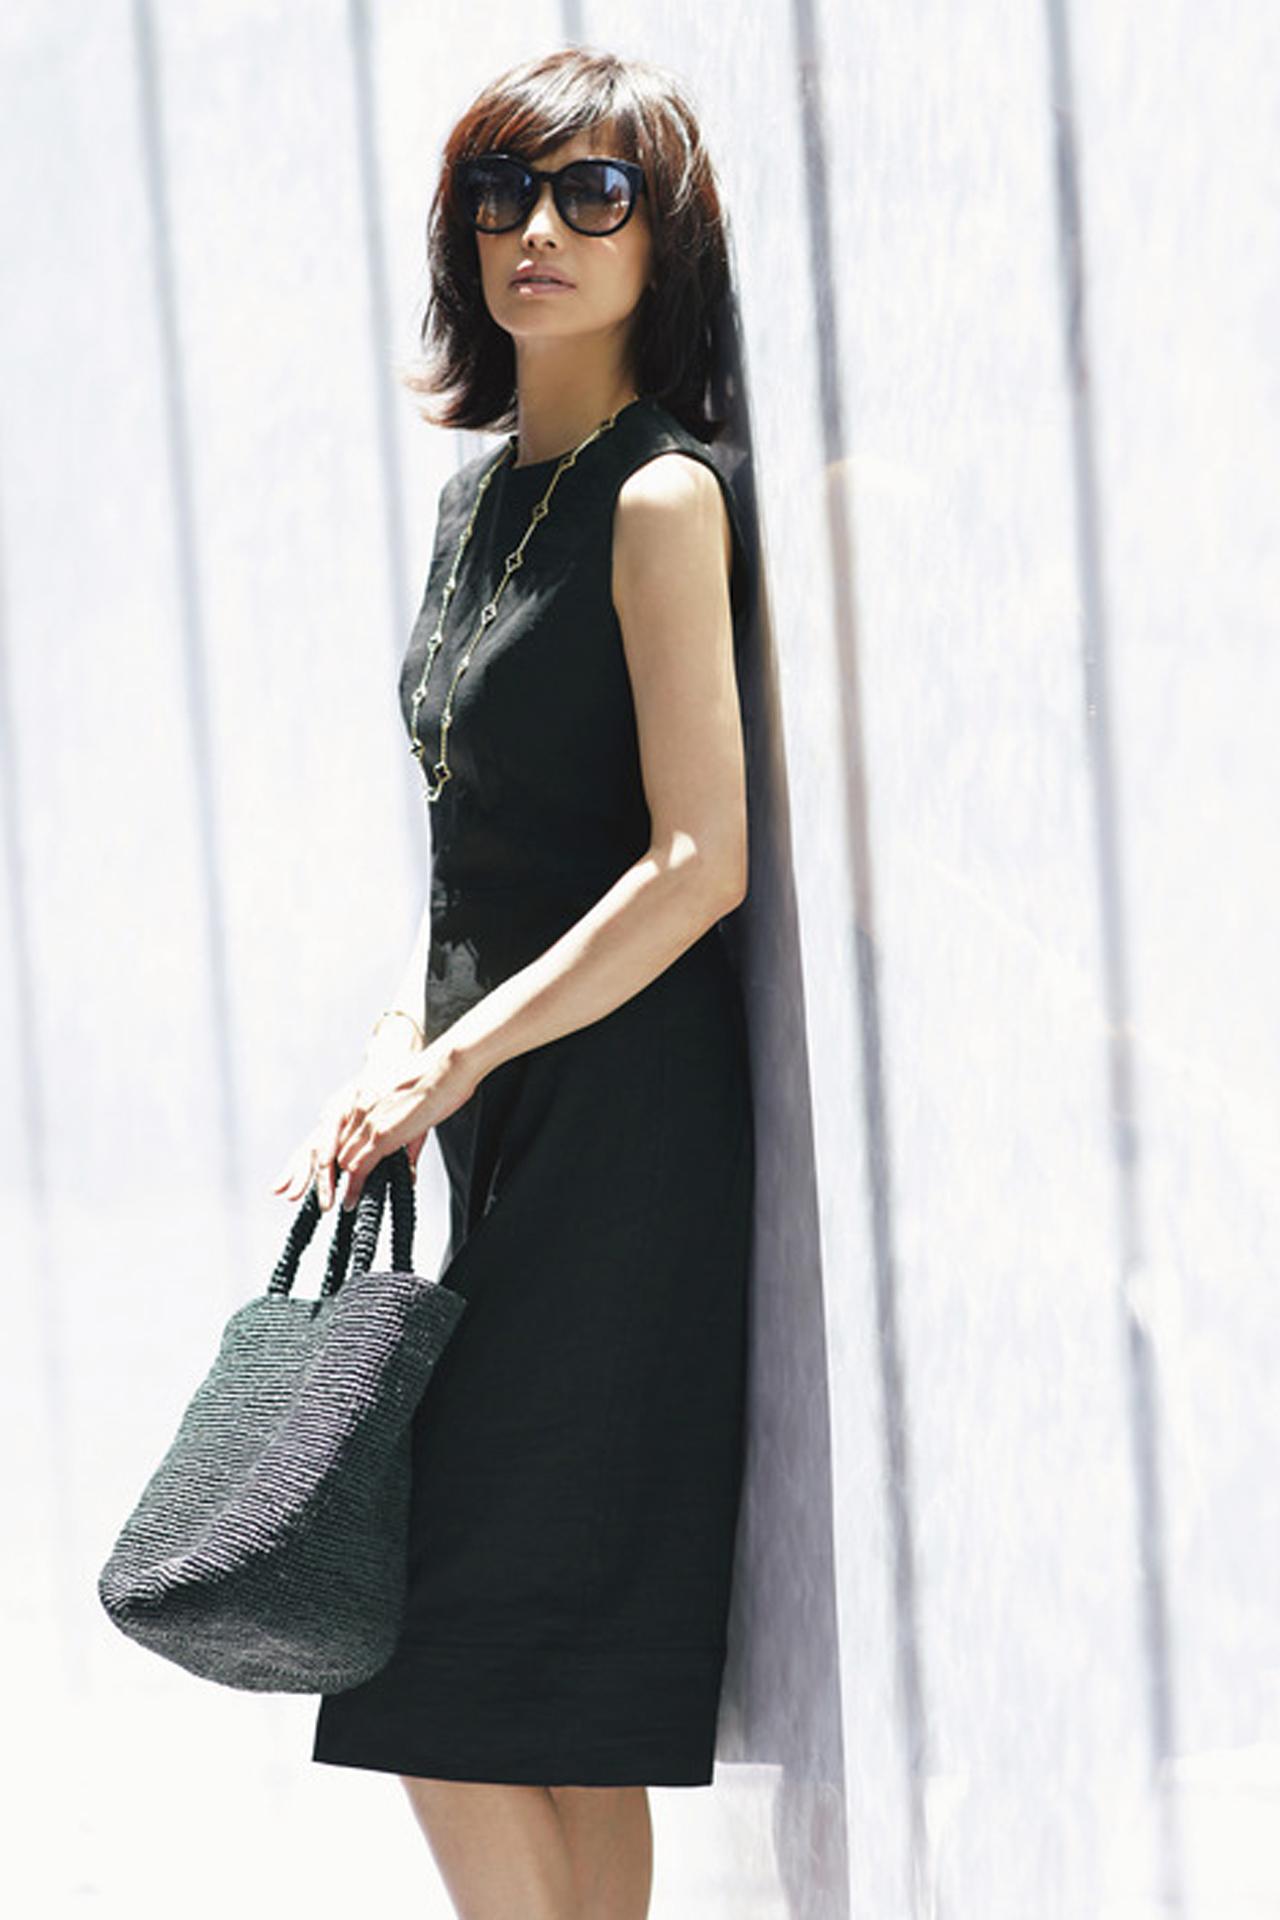 3人のスタイリストが提案「大人の女性は今、こんなスタイルが素敵!」_1_1-2